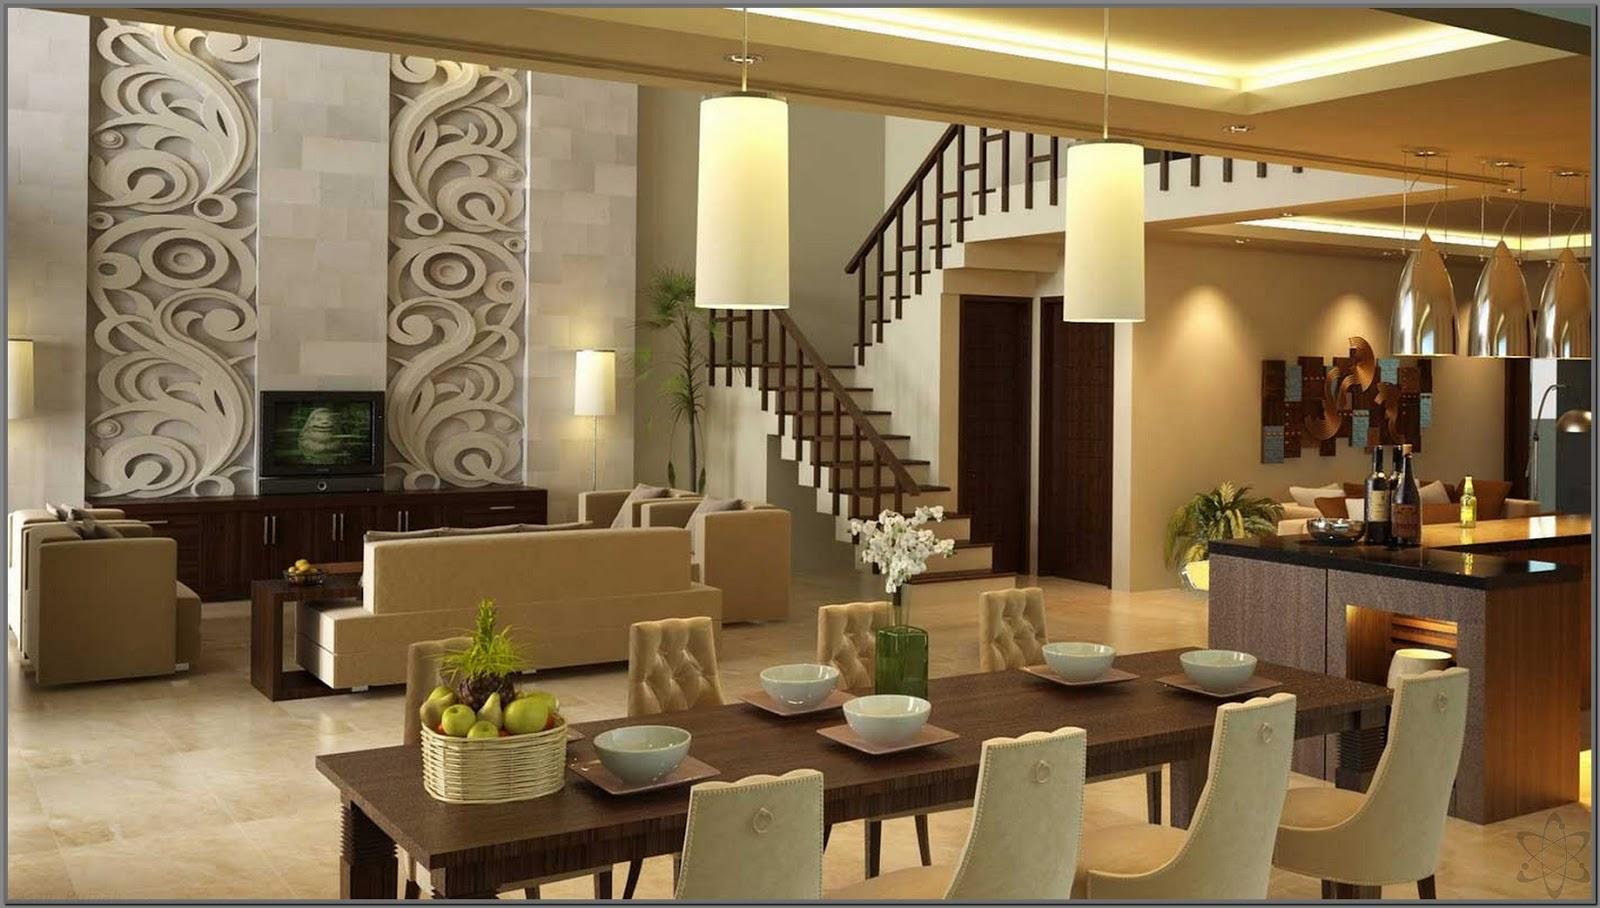 Desain Interior Ruang Makan Modern 2017 INFORMASI